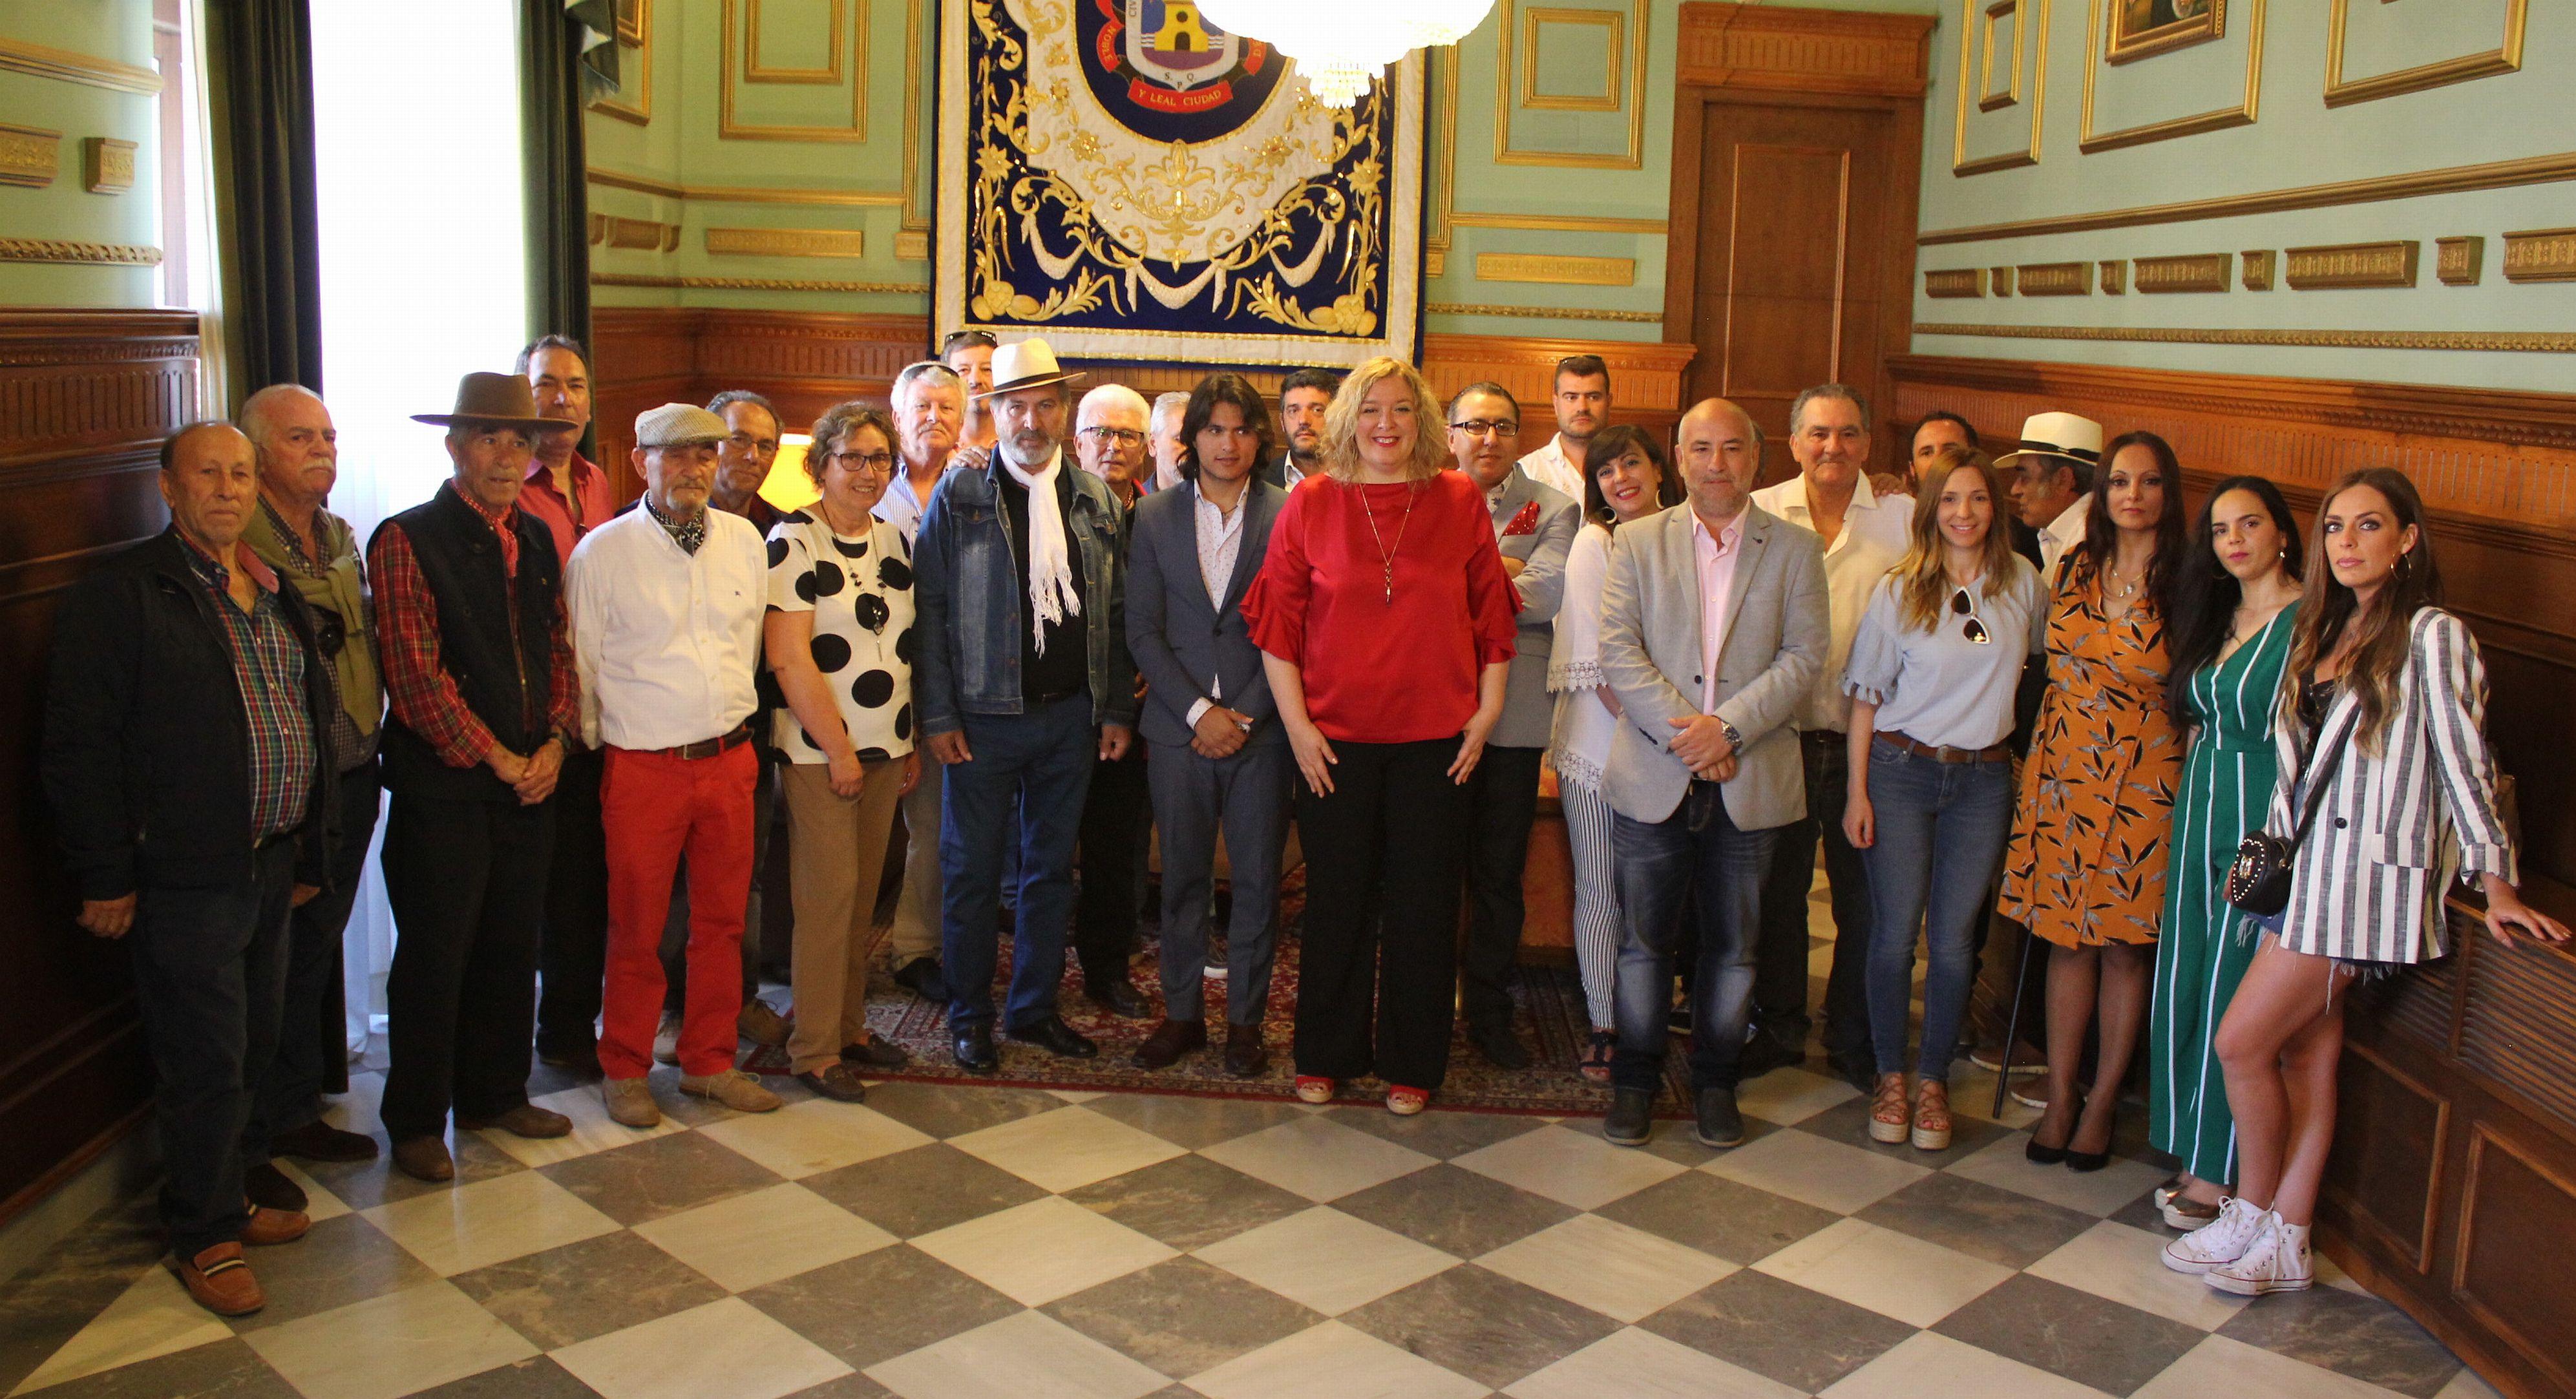 Foto de familia presentación segundo festival flamenco Motril Puerto del Azúcar (Foto: El Faro)